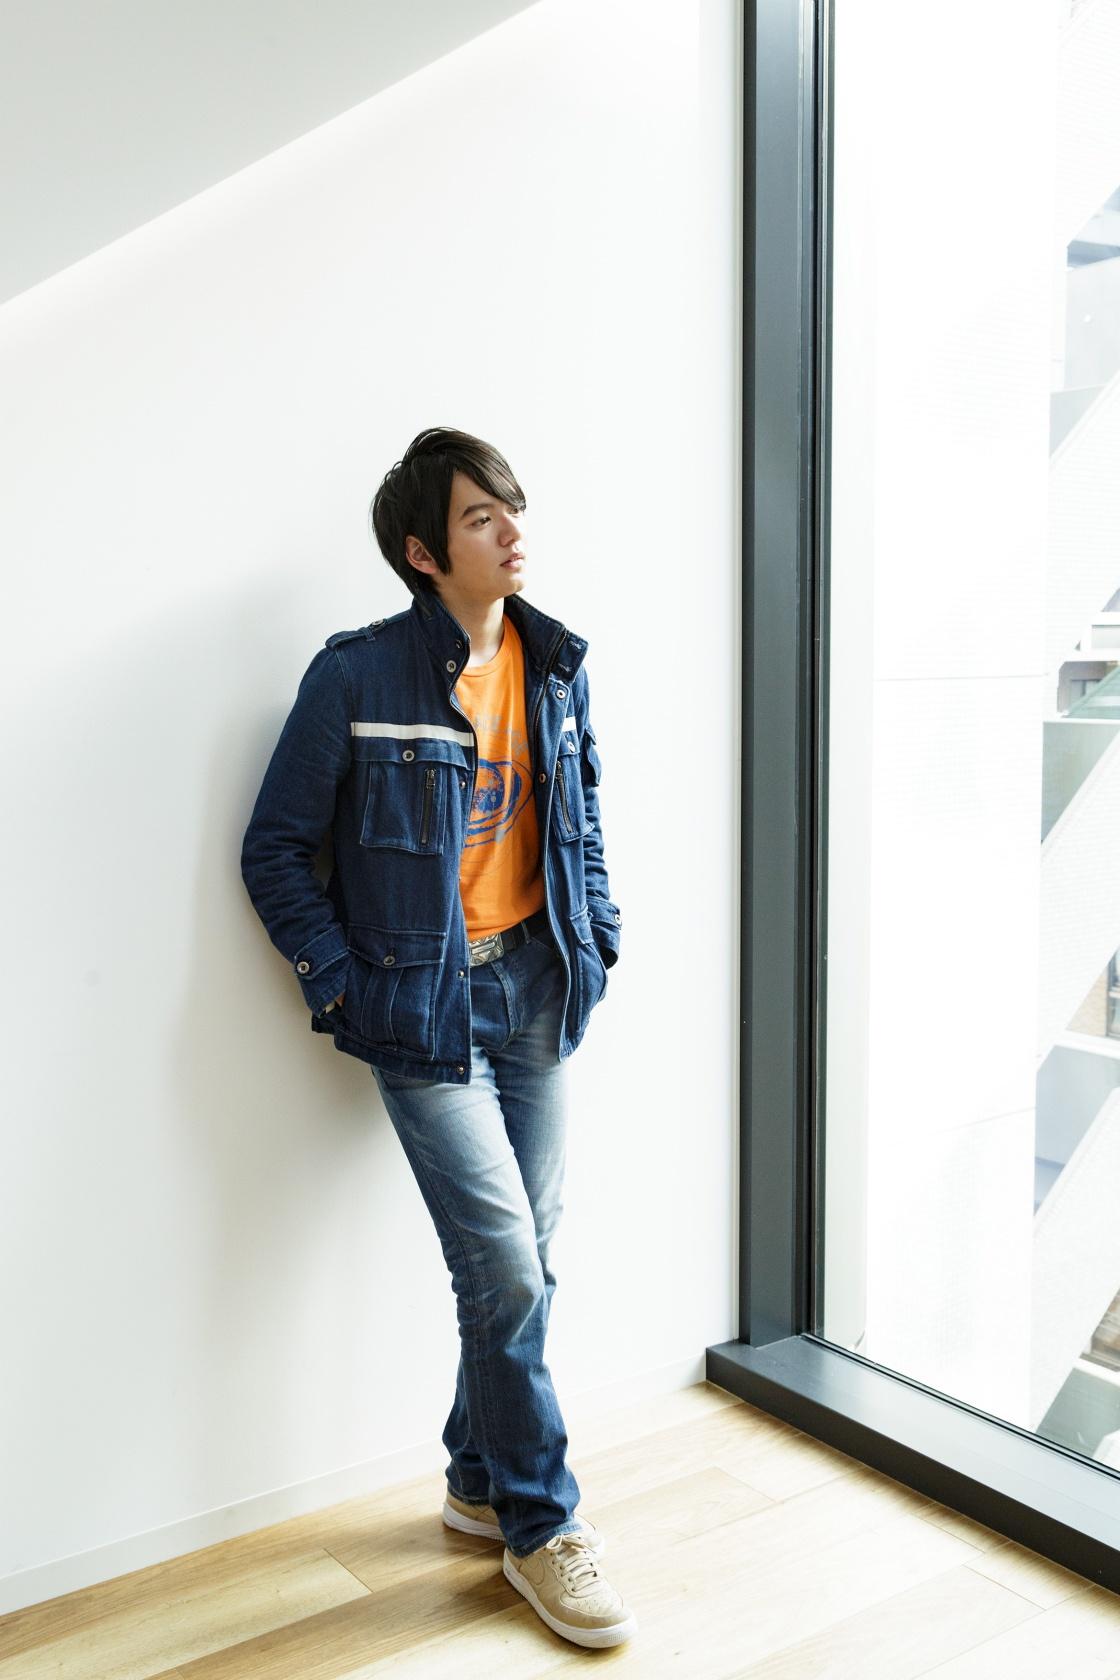 今年は出演作が目白押しの濱田。大ブレイクの予感が著しい